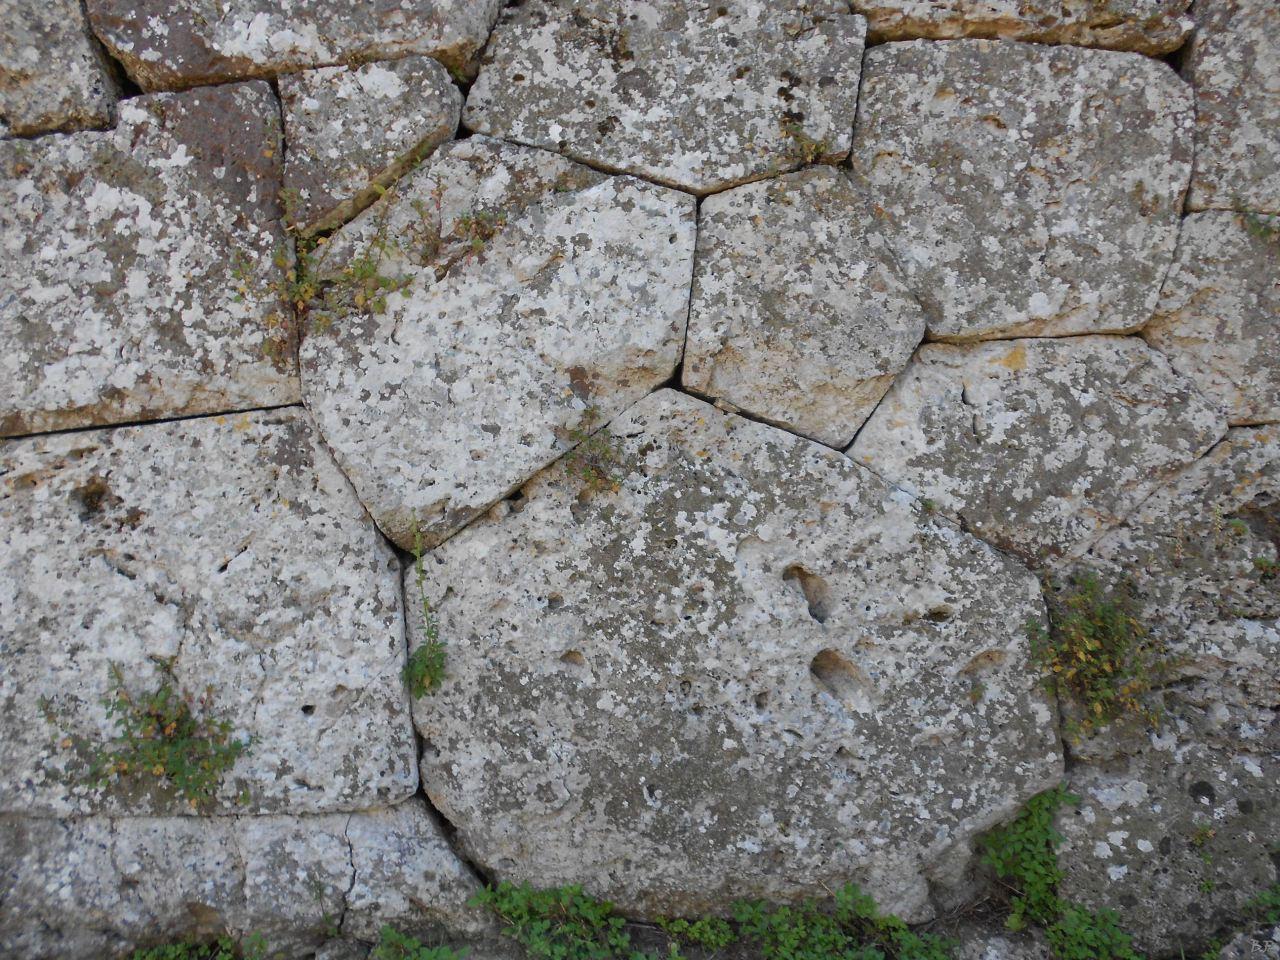 Cosa-Mura-Megalitiche-Ansedonia-Grosseto-Toscana-Italia-27